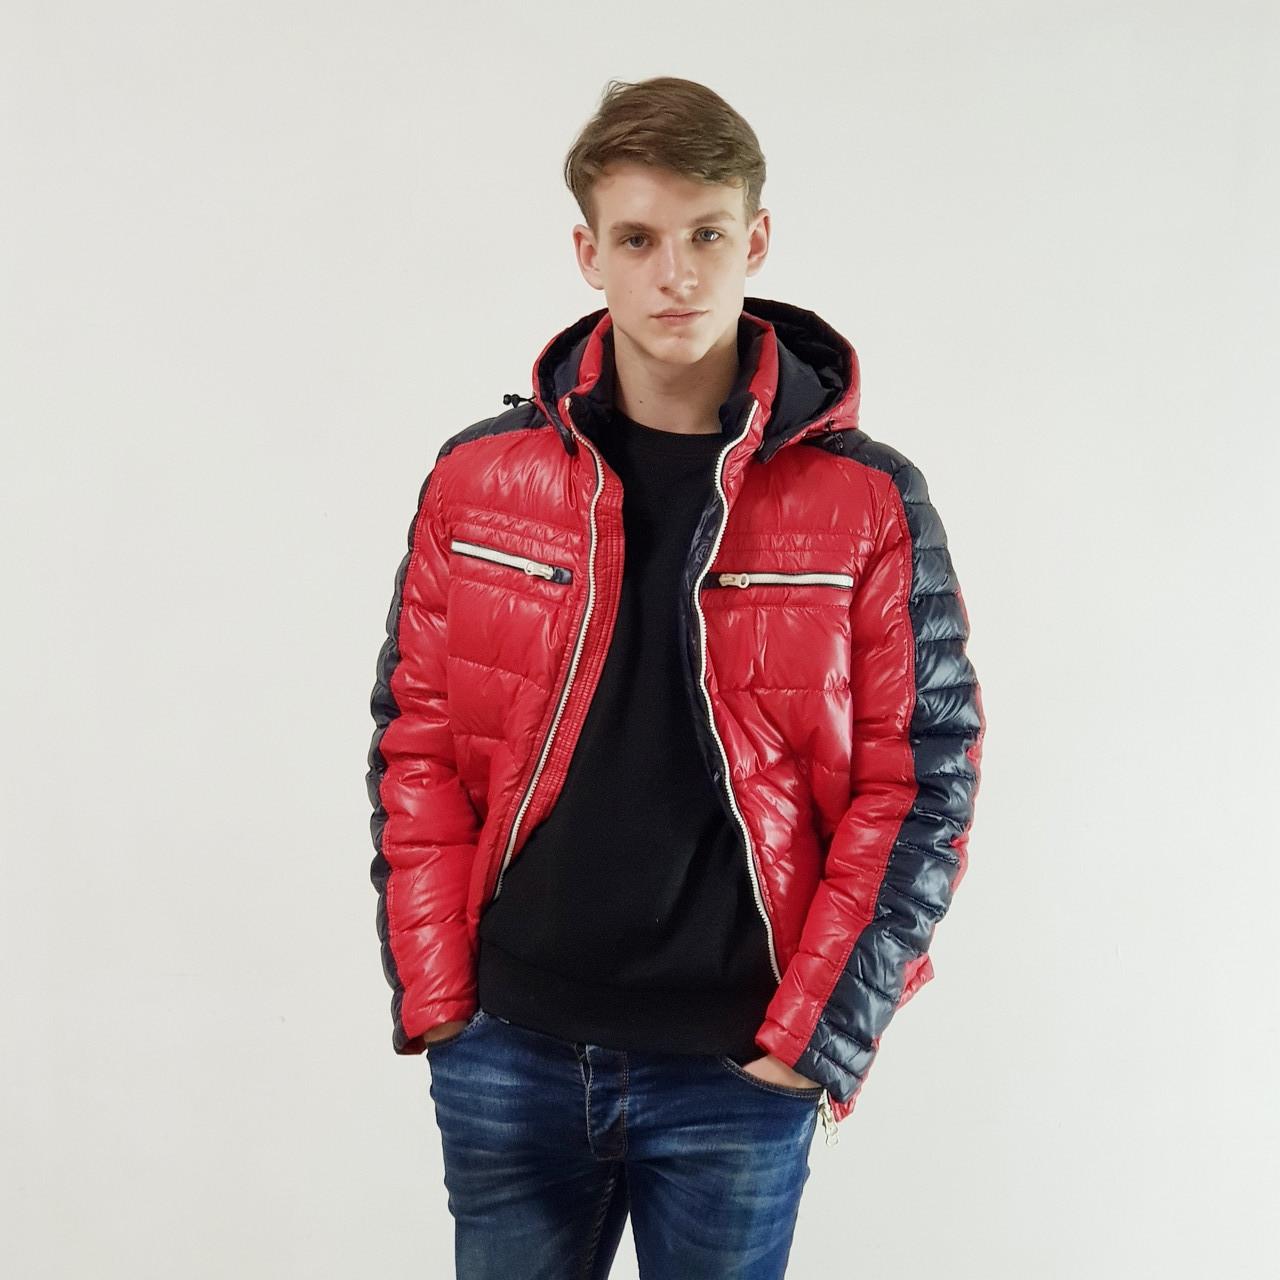 Легкий пуховик мужской Snowimage красный зимний на пуху с капюшоном, распродажа